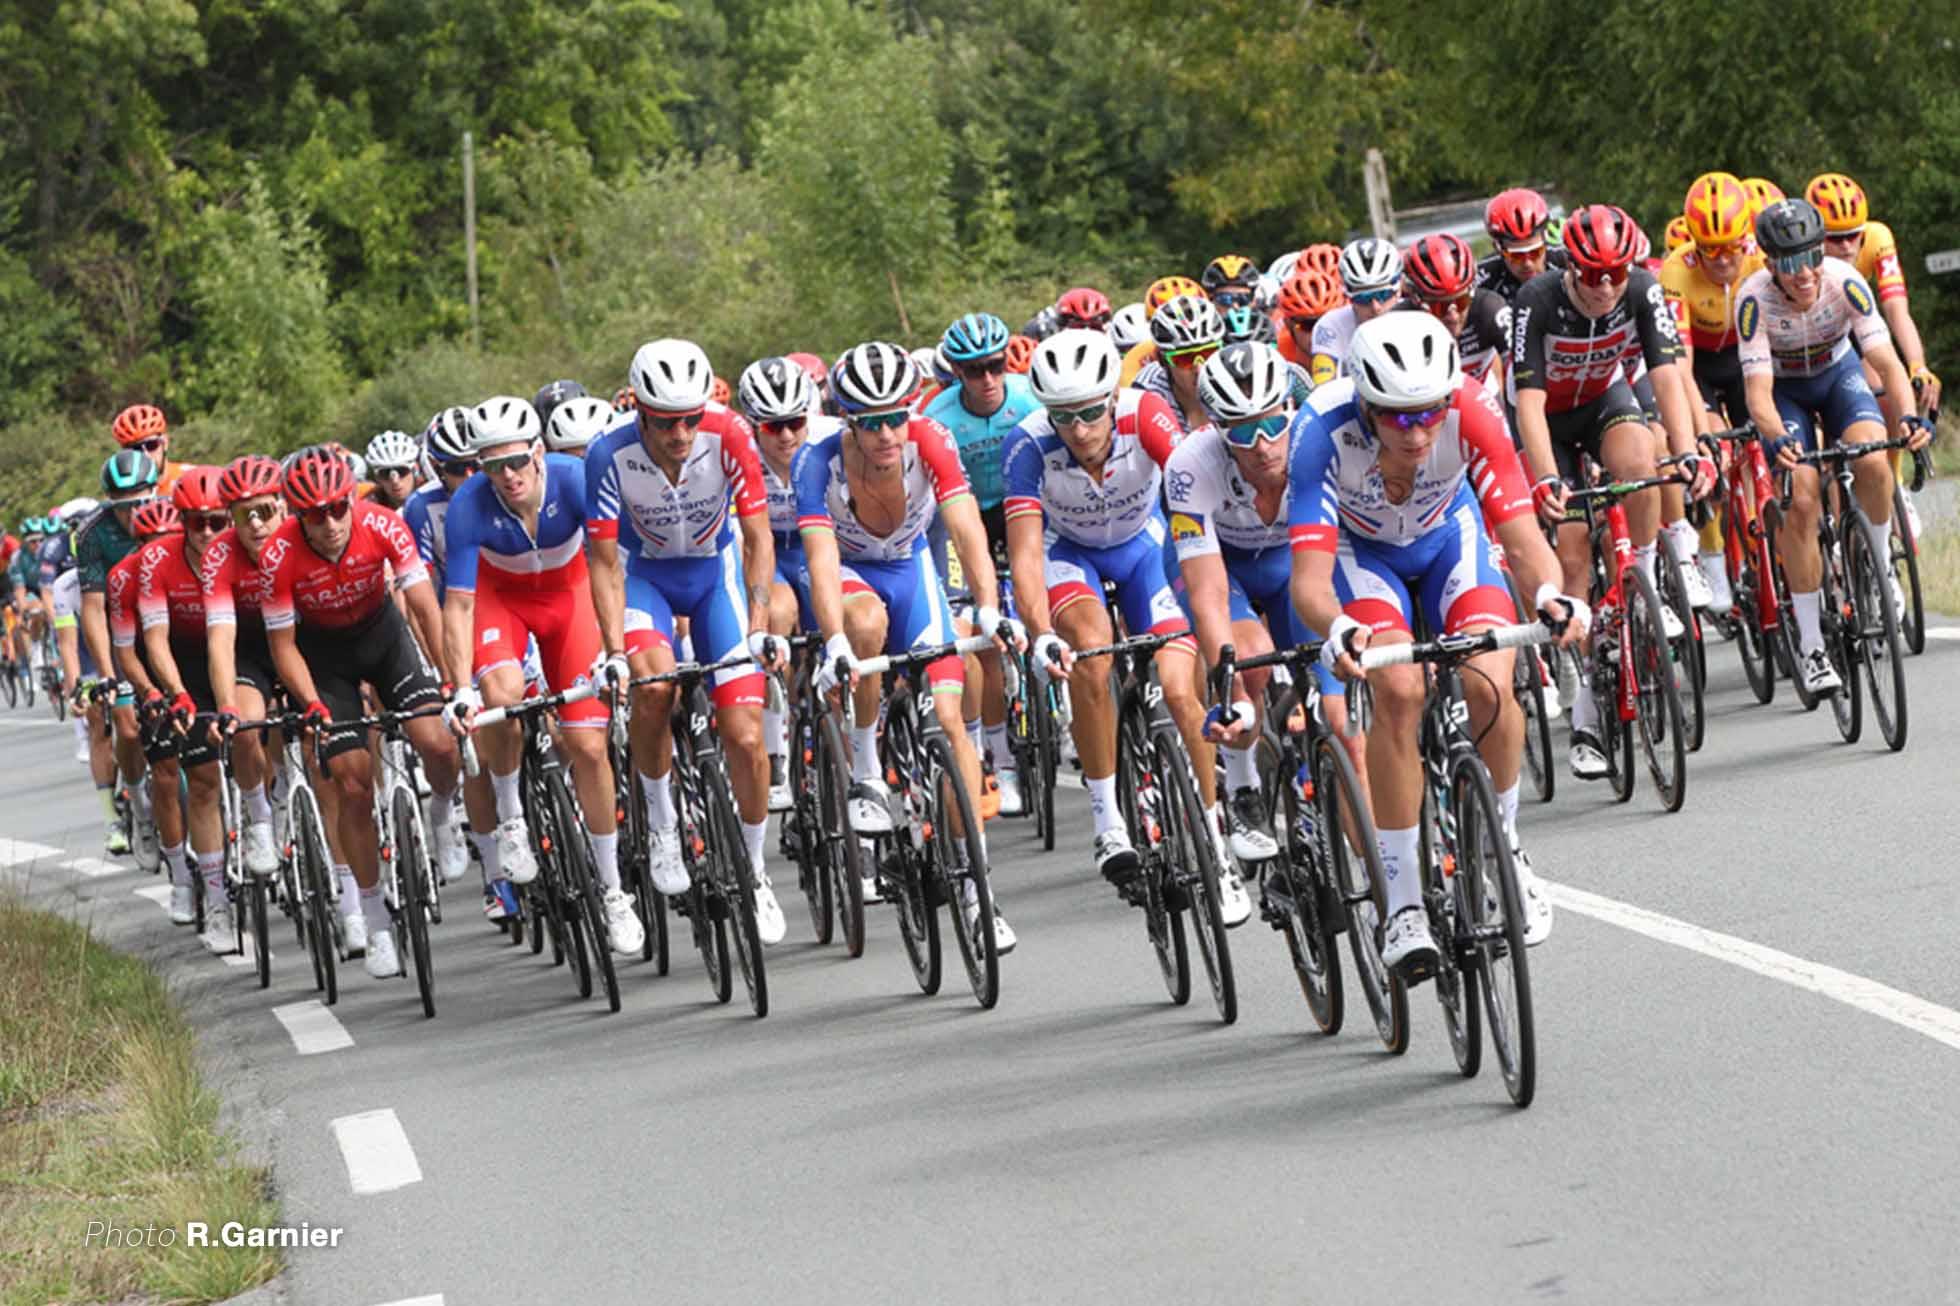 フランスチャンピオンジャージのアルノー・デノールを守るFDJ Photo R.Garnier